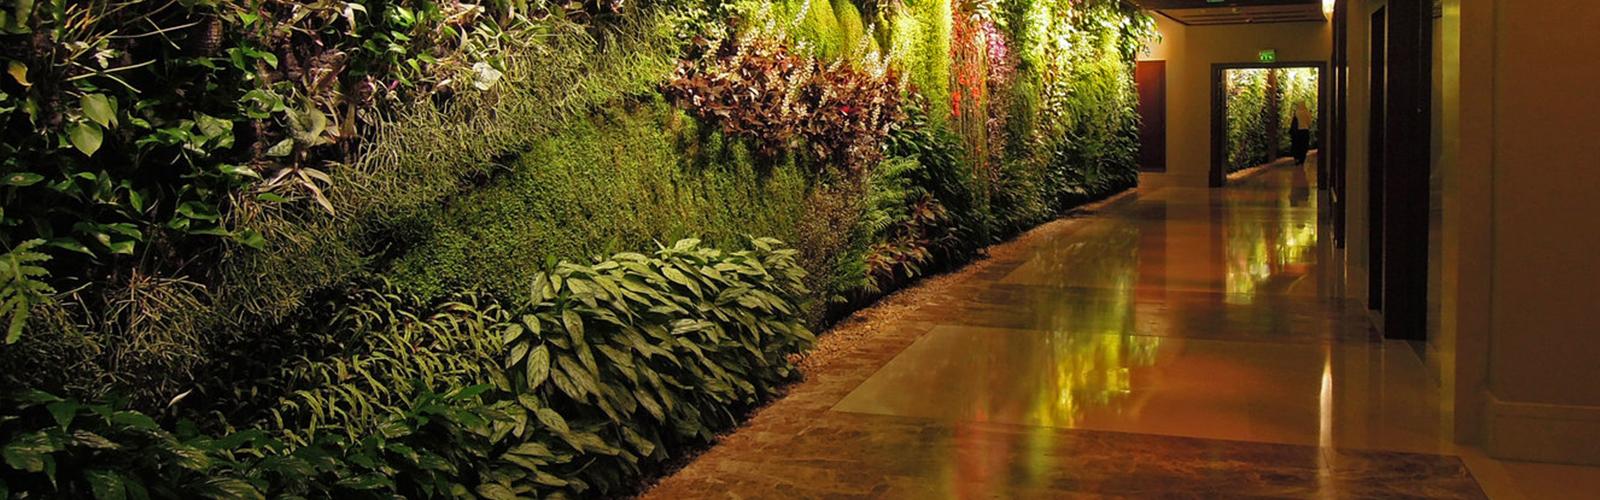 Garden Wall Designs